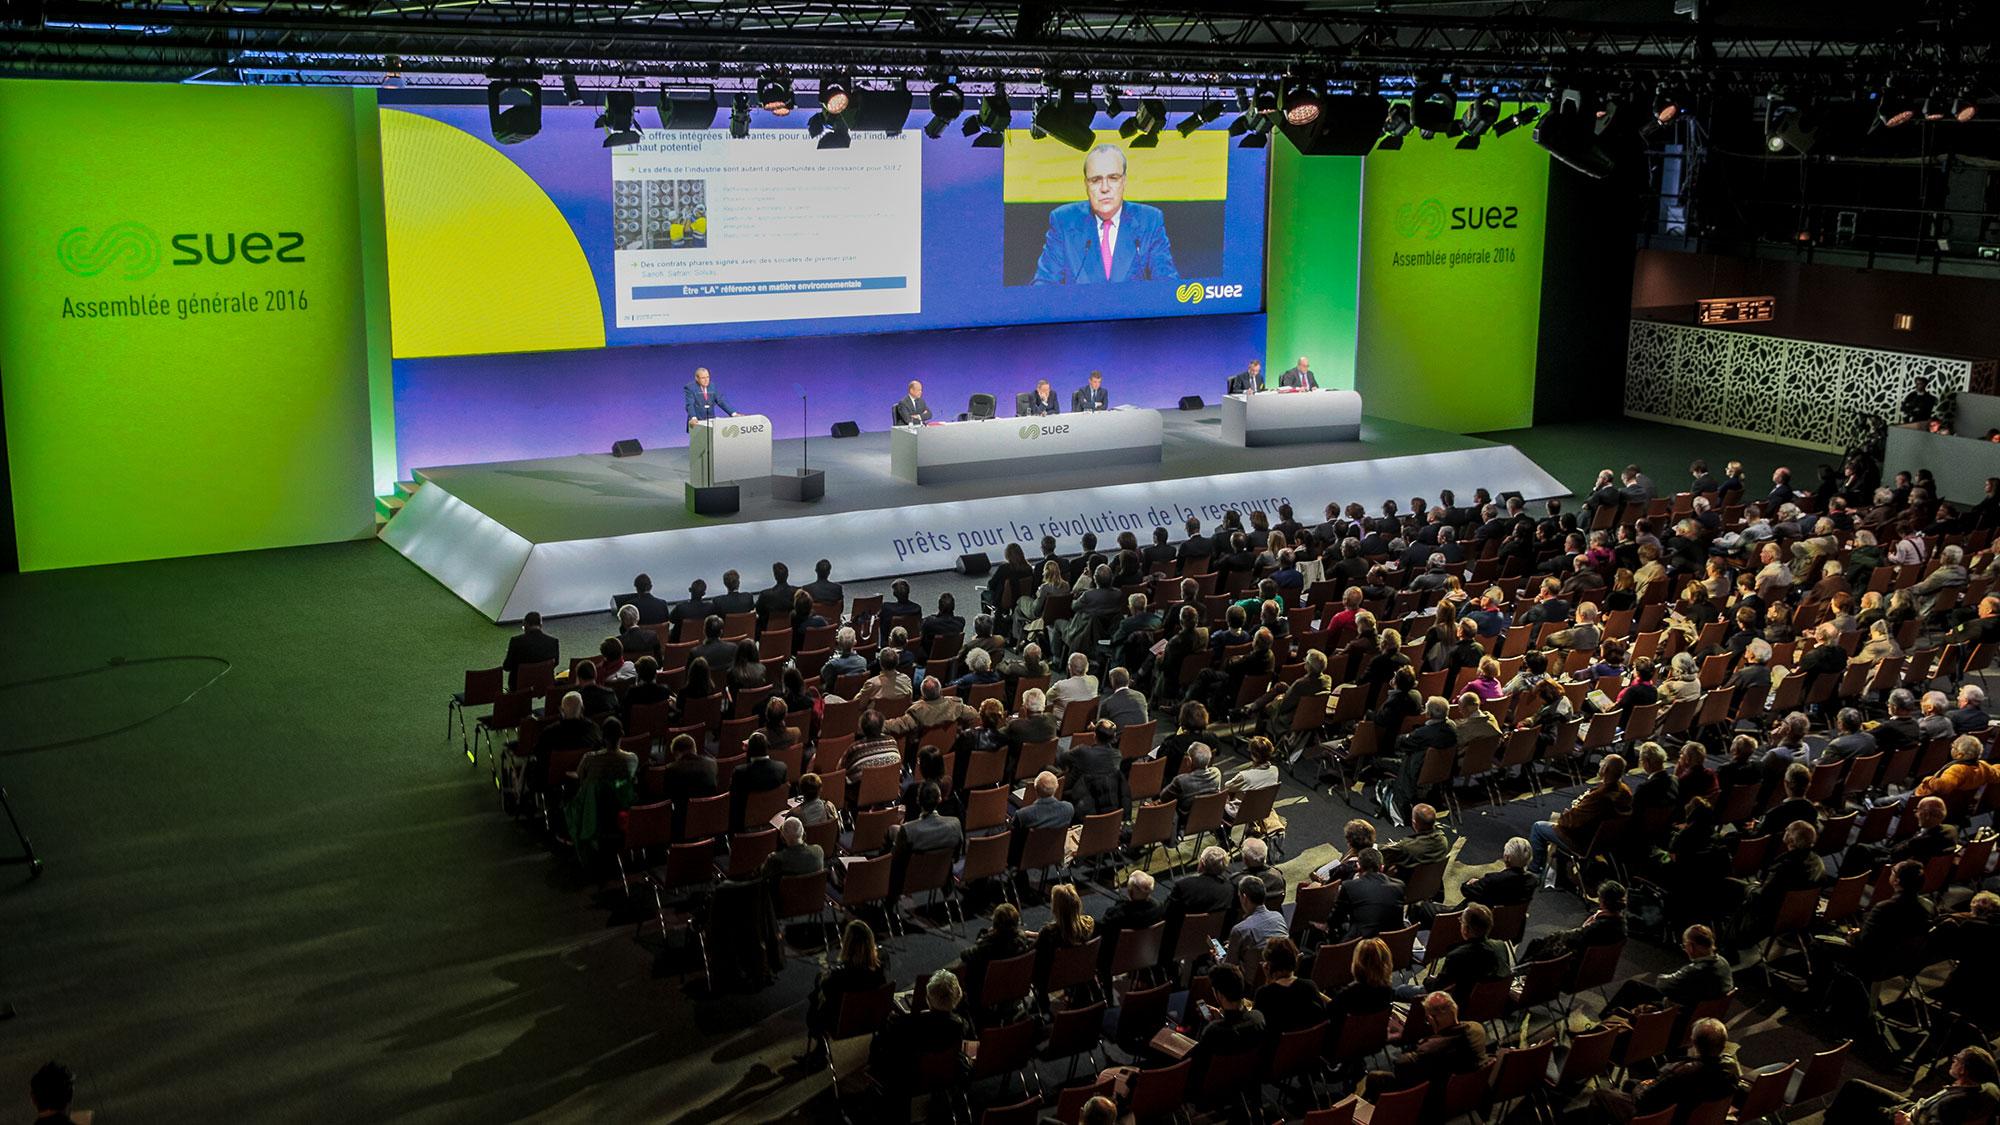 Assemblée générale 2016 de SUEZ